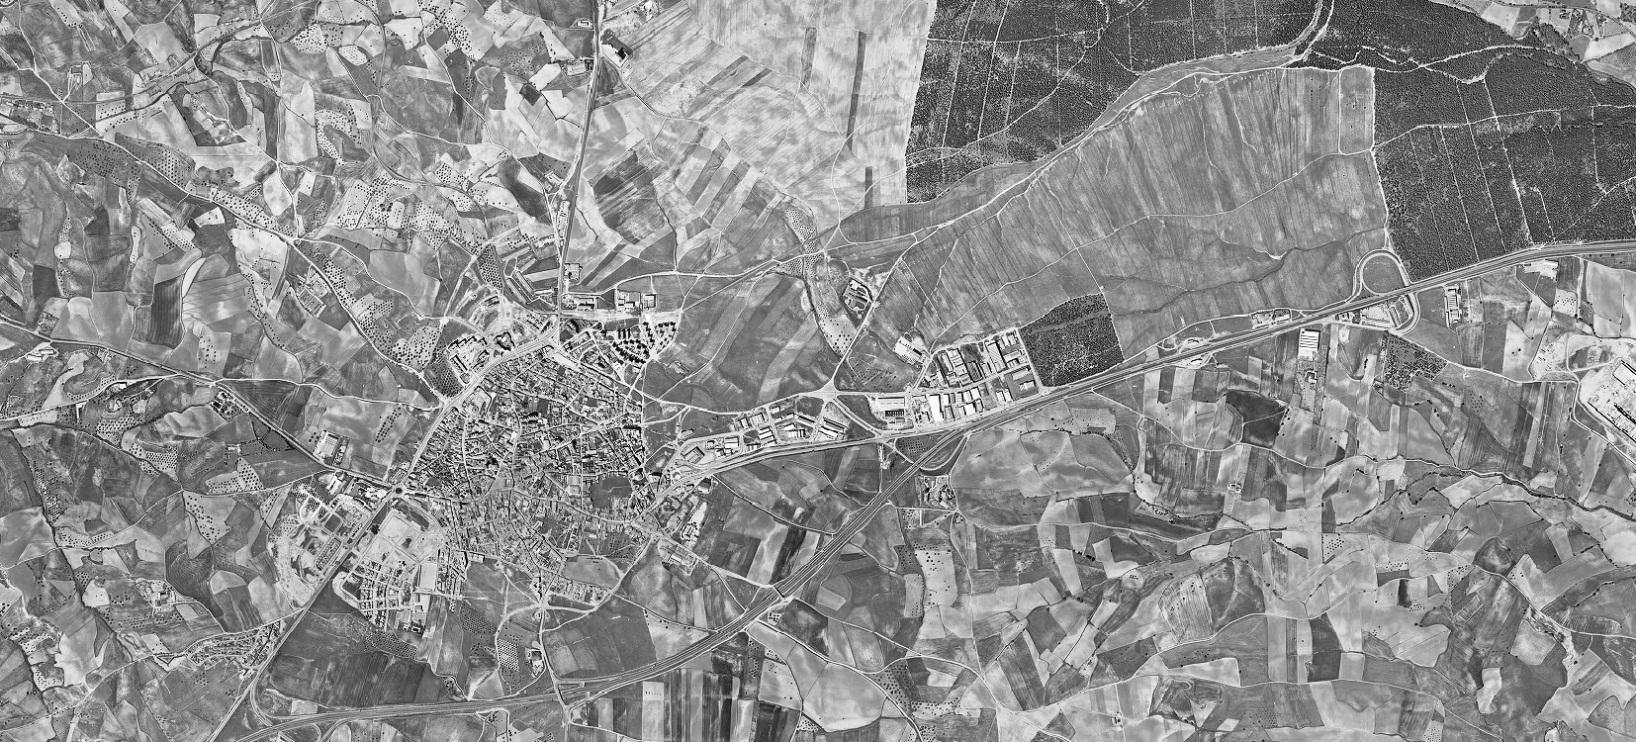 madrid, navalcarnero, comunidad, antes, desastre, urbanístico, planeamiento, urbano, urbanismo, construcción